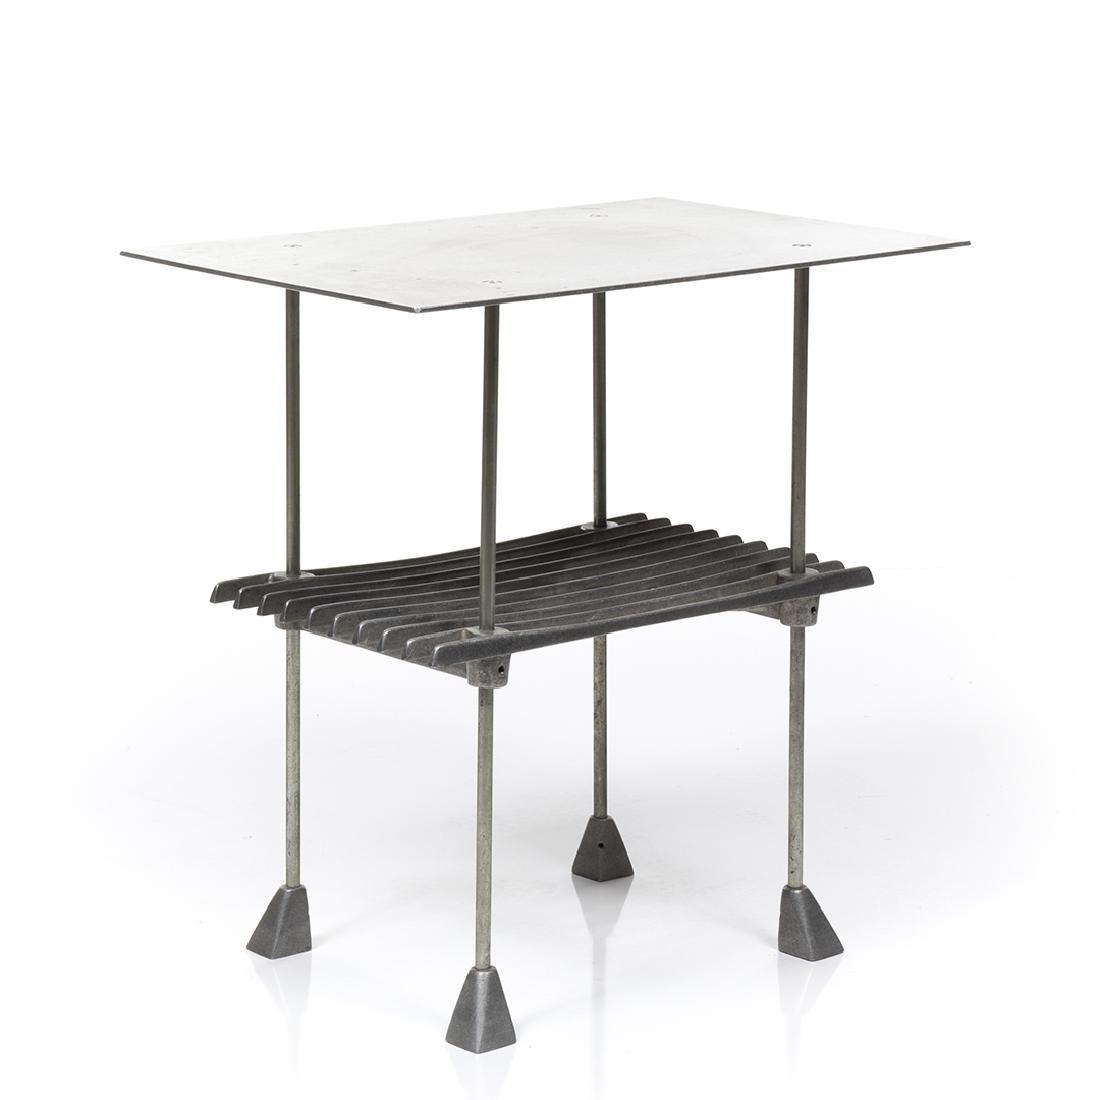 Robert Jostens Side Table - 2